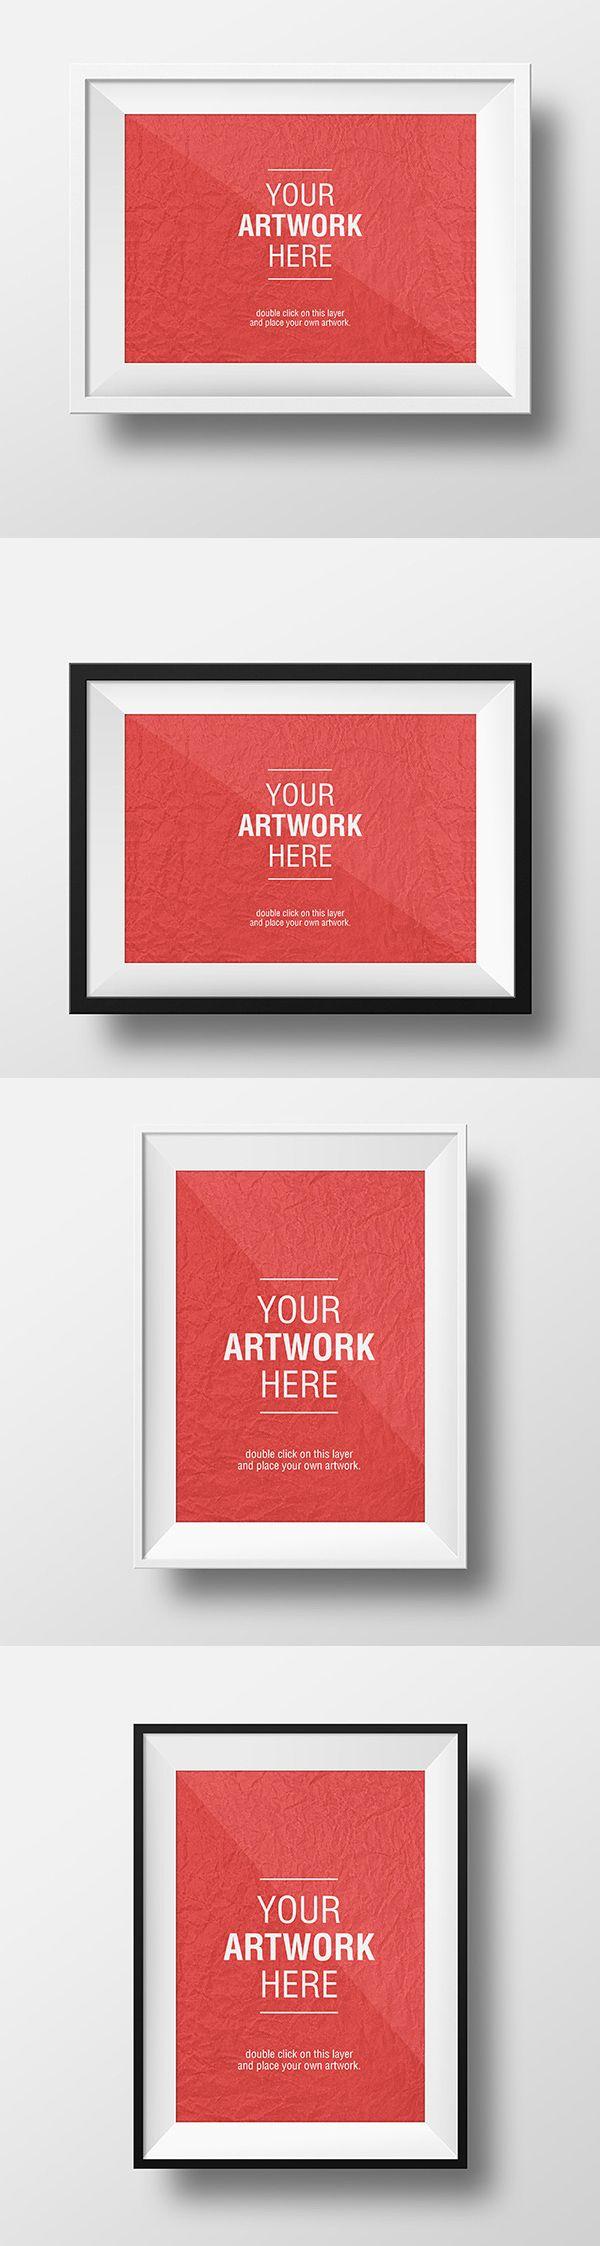 6 poster design photo mockups - Artwork Frame Psd Mockups